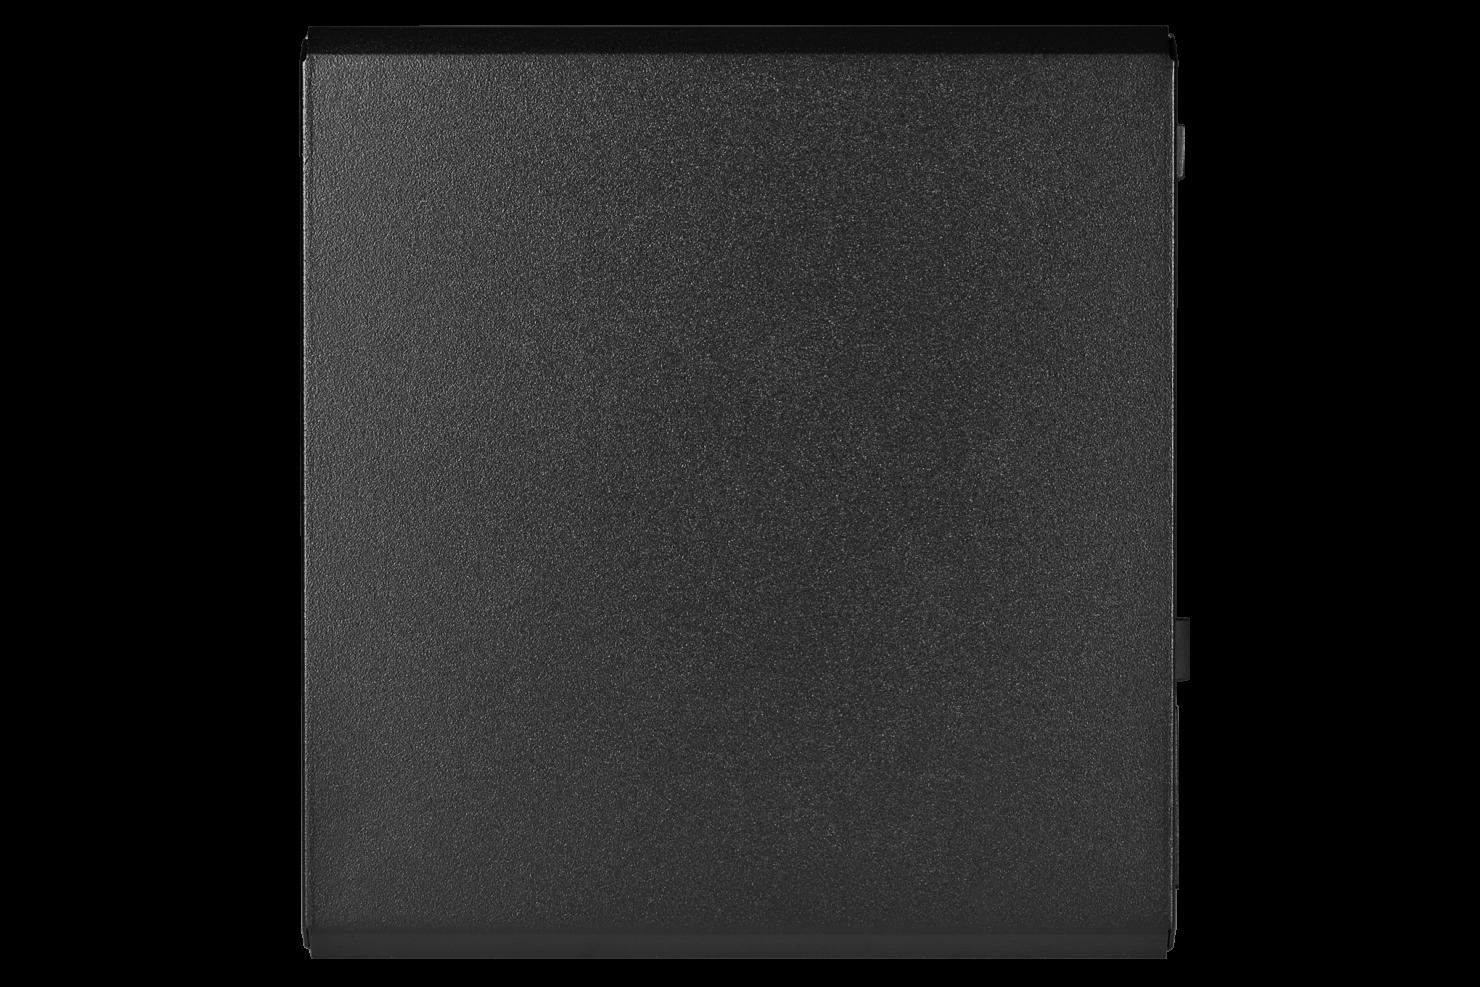 cx750f_rgb_black_21